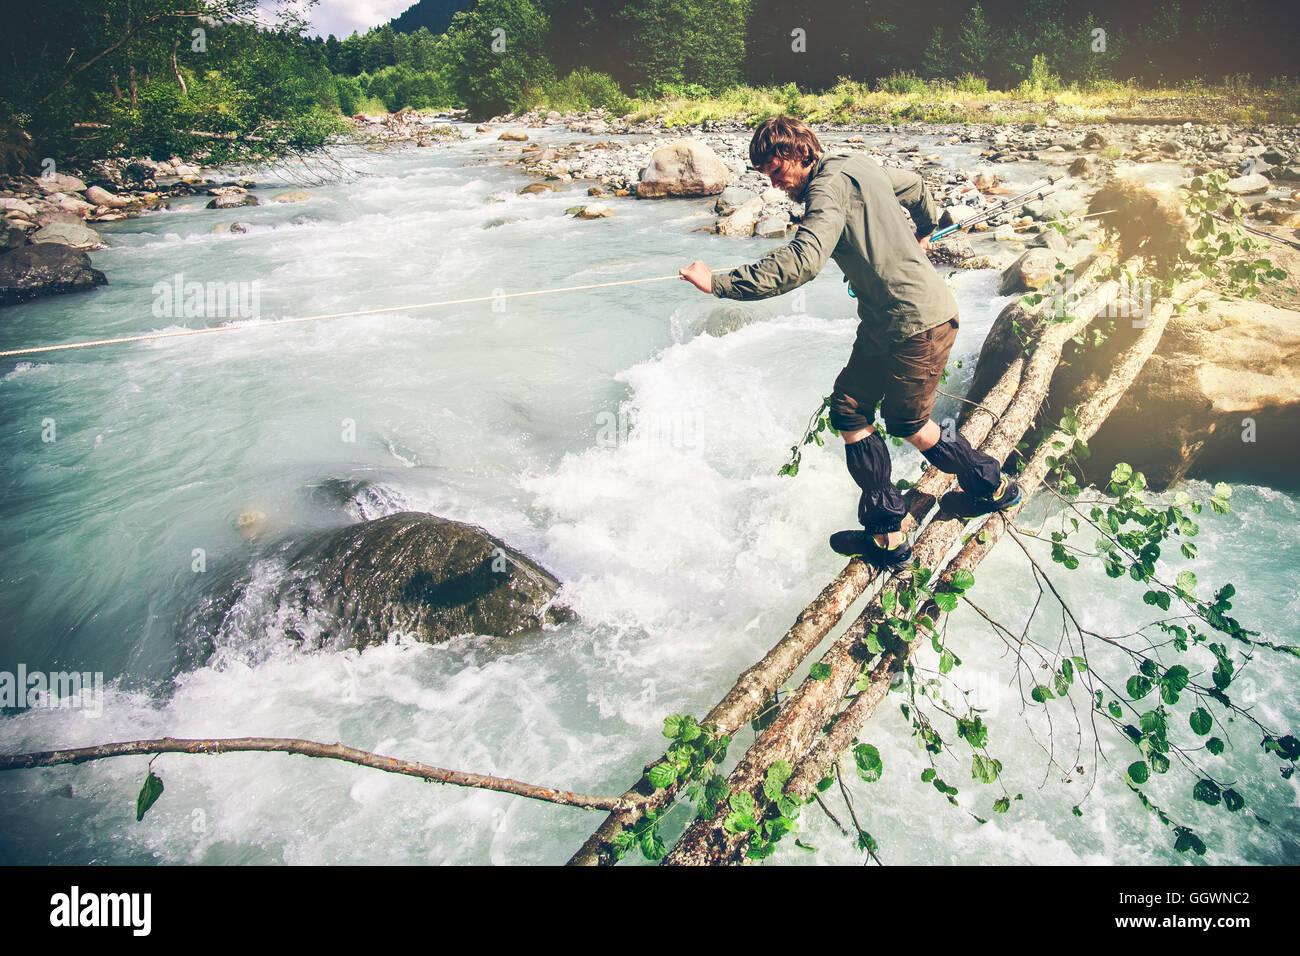 Mann Reisenden überqueren Fluss im Wald Outdoor-Lifestyle Reisen extreme Survival-Konzept Stockbild